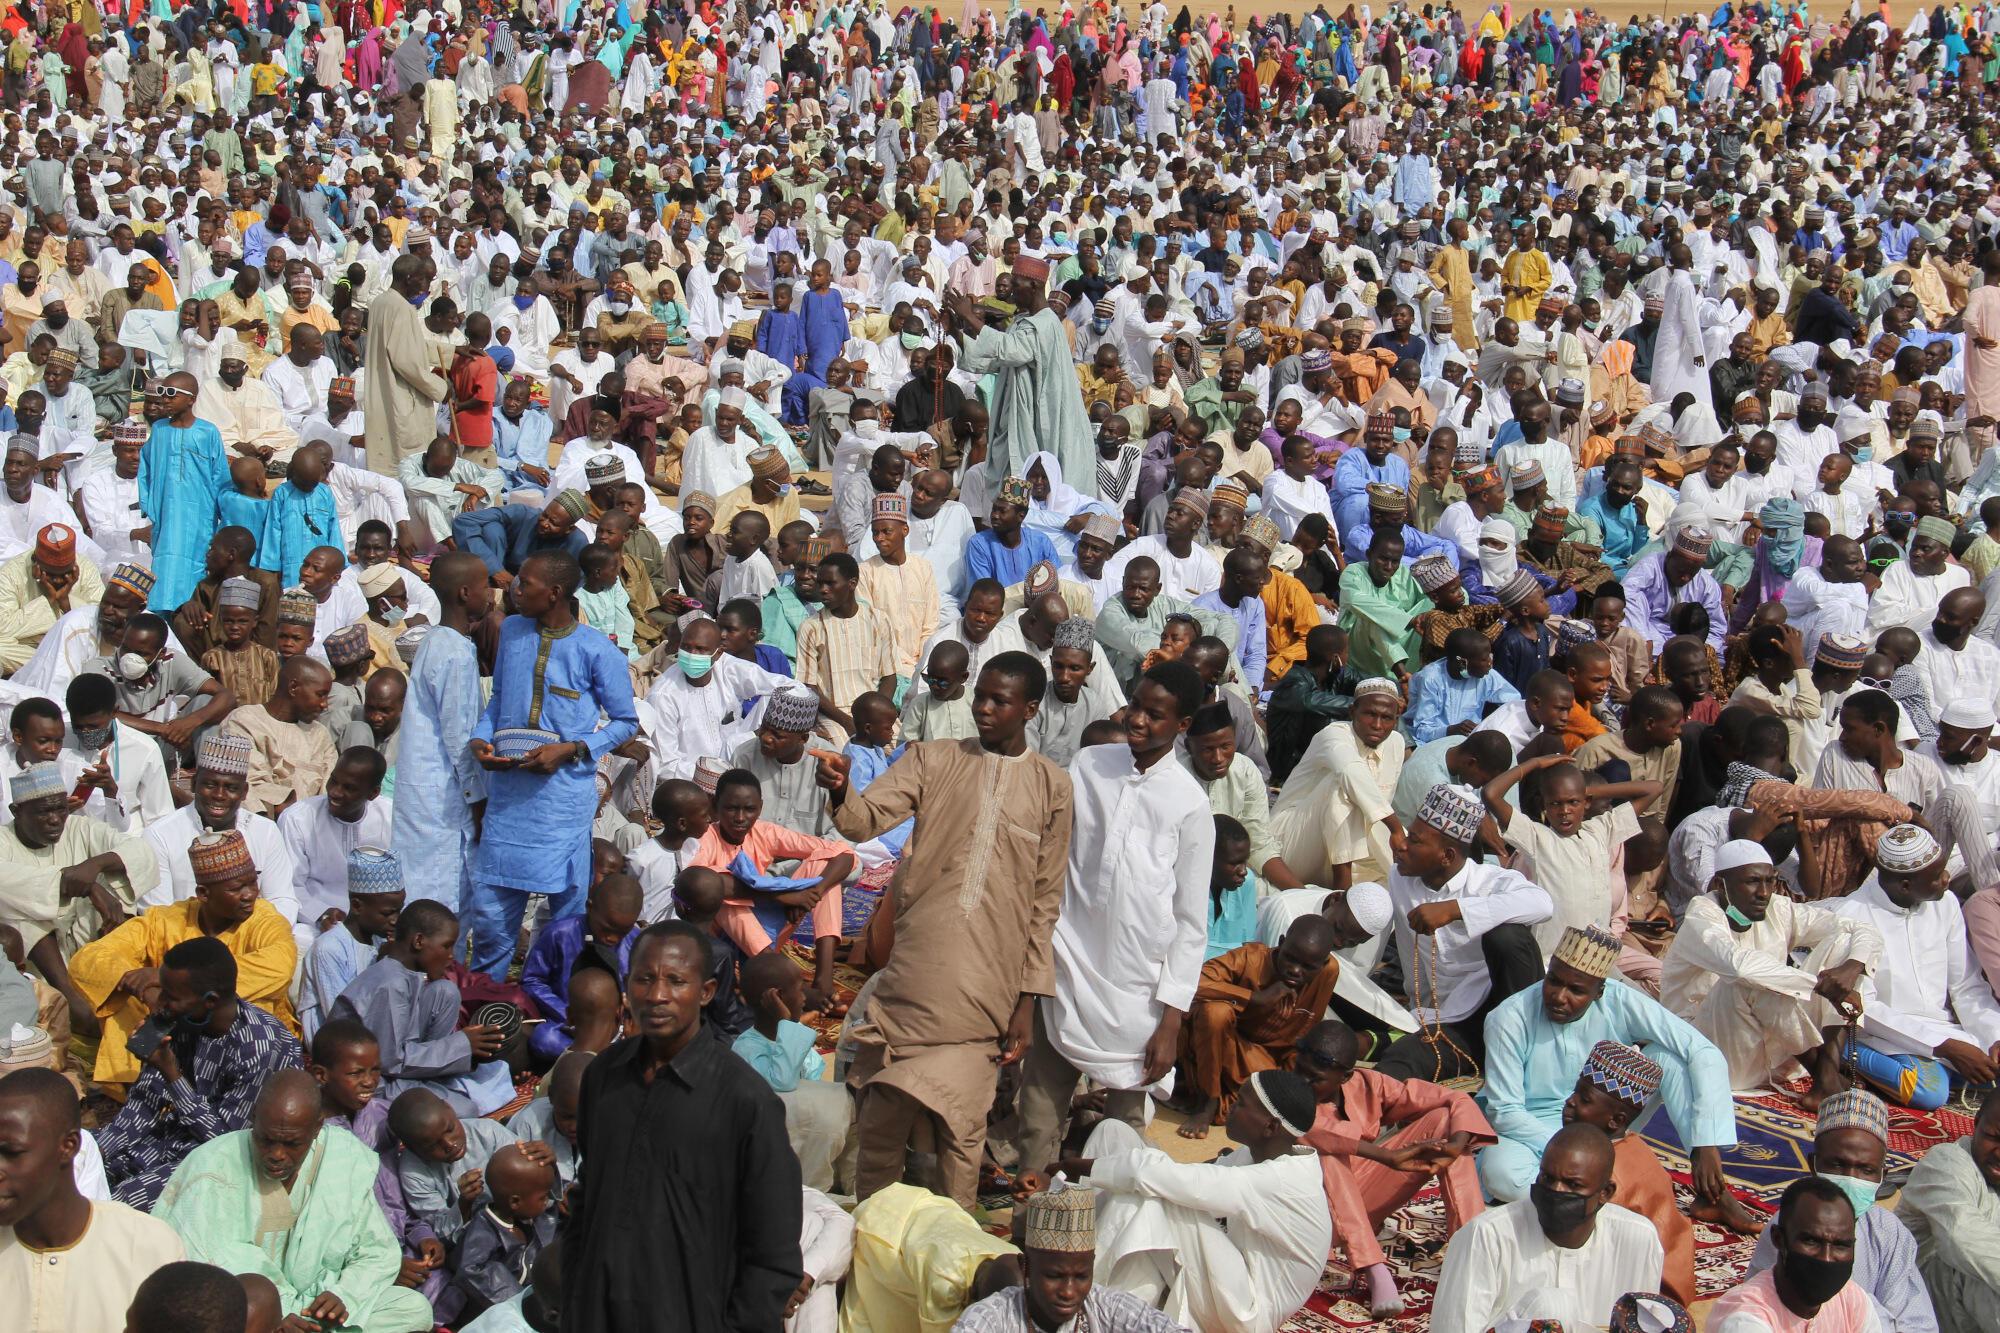 La población de Nigeria podría superar la  de China, convirtiéndolo en el segundo país más poblado del planeta, según el estudio publicado en  The Lancet.